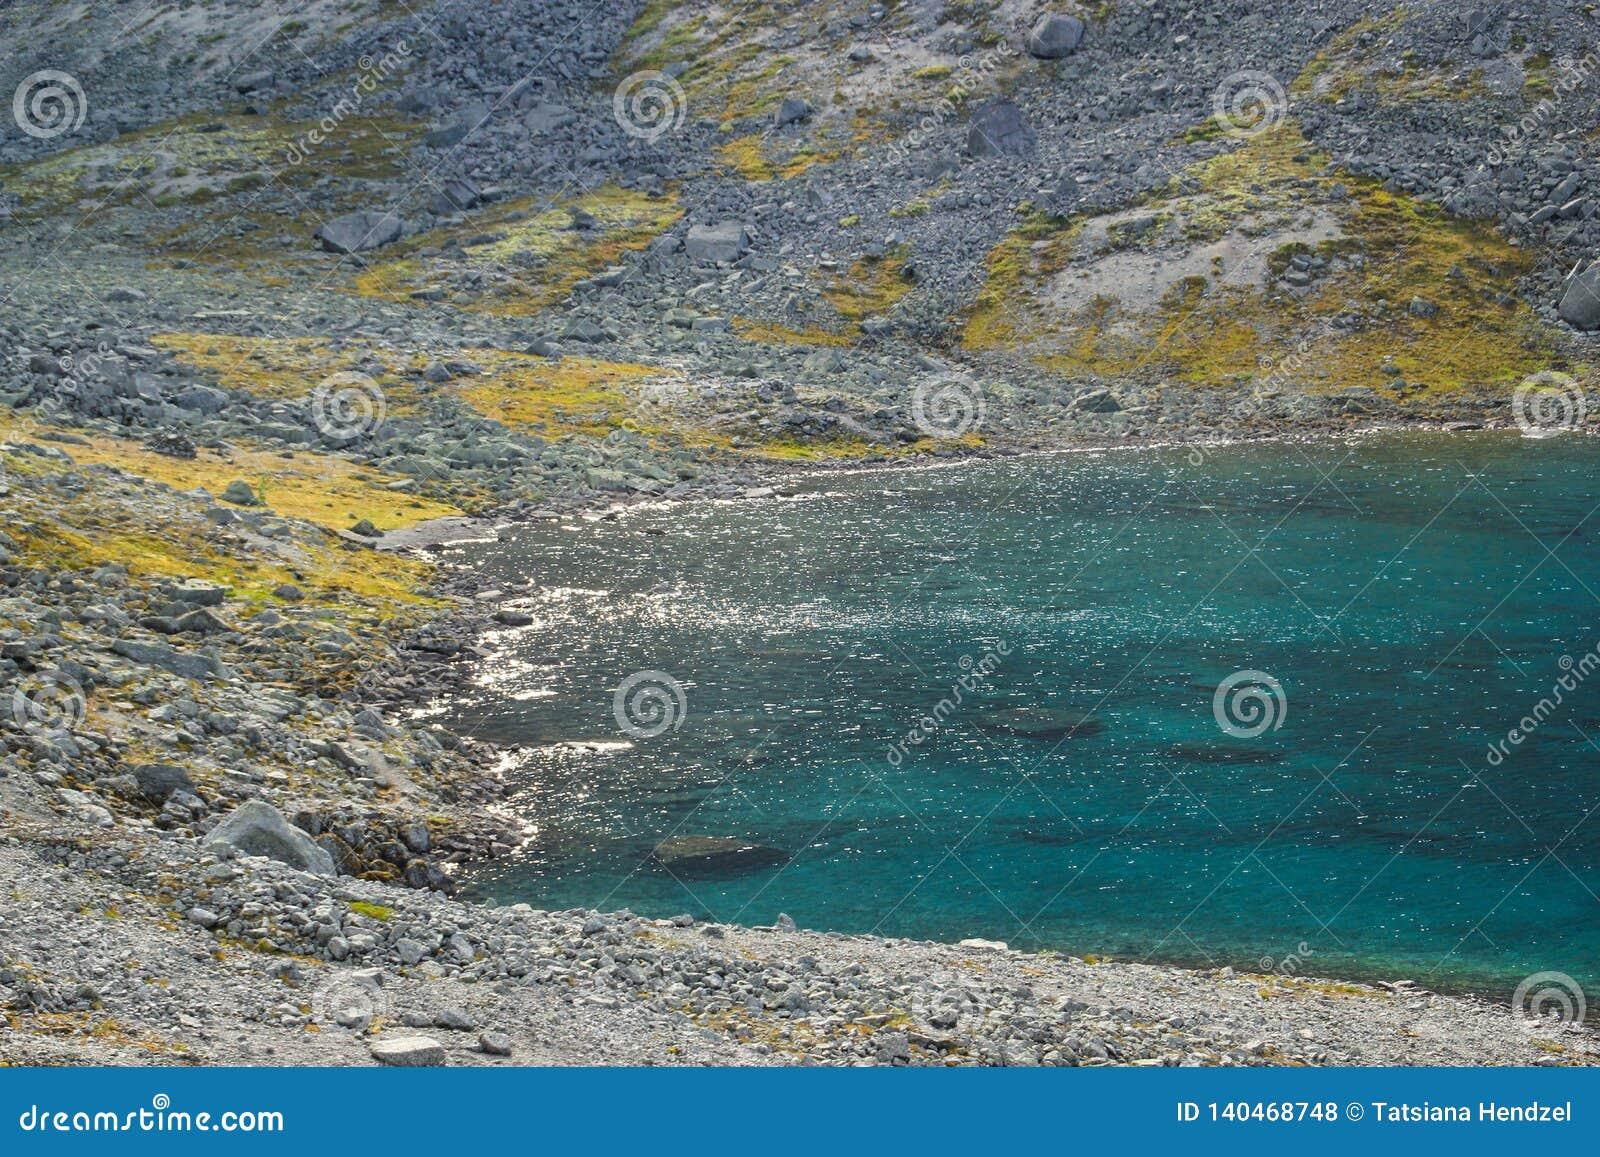 Piękna zimna północna natura: jaskrawy - zielony mech i strumienie